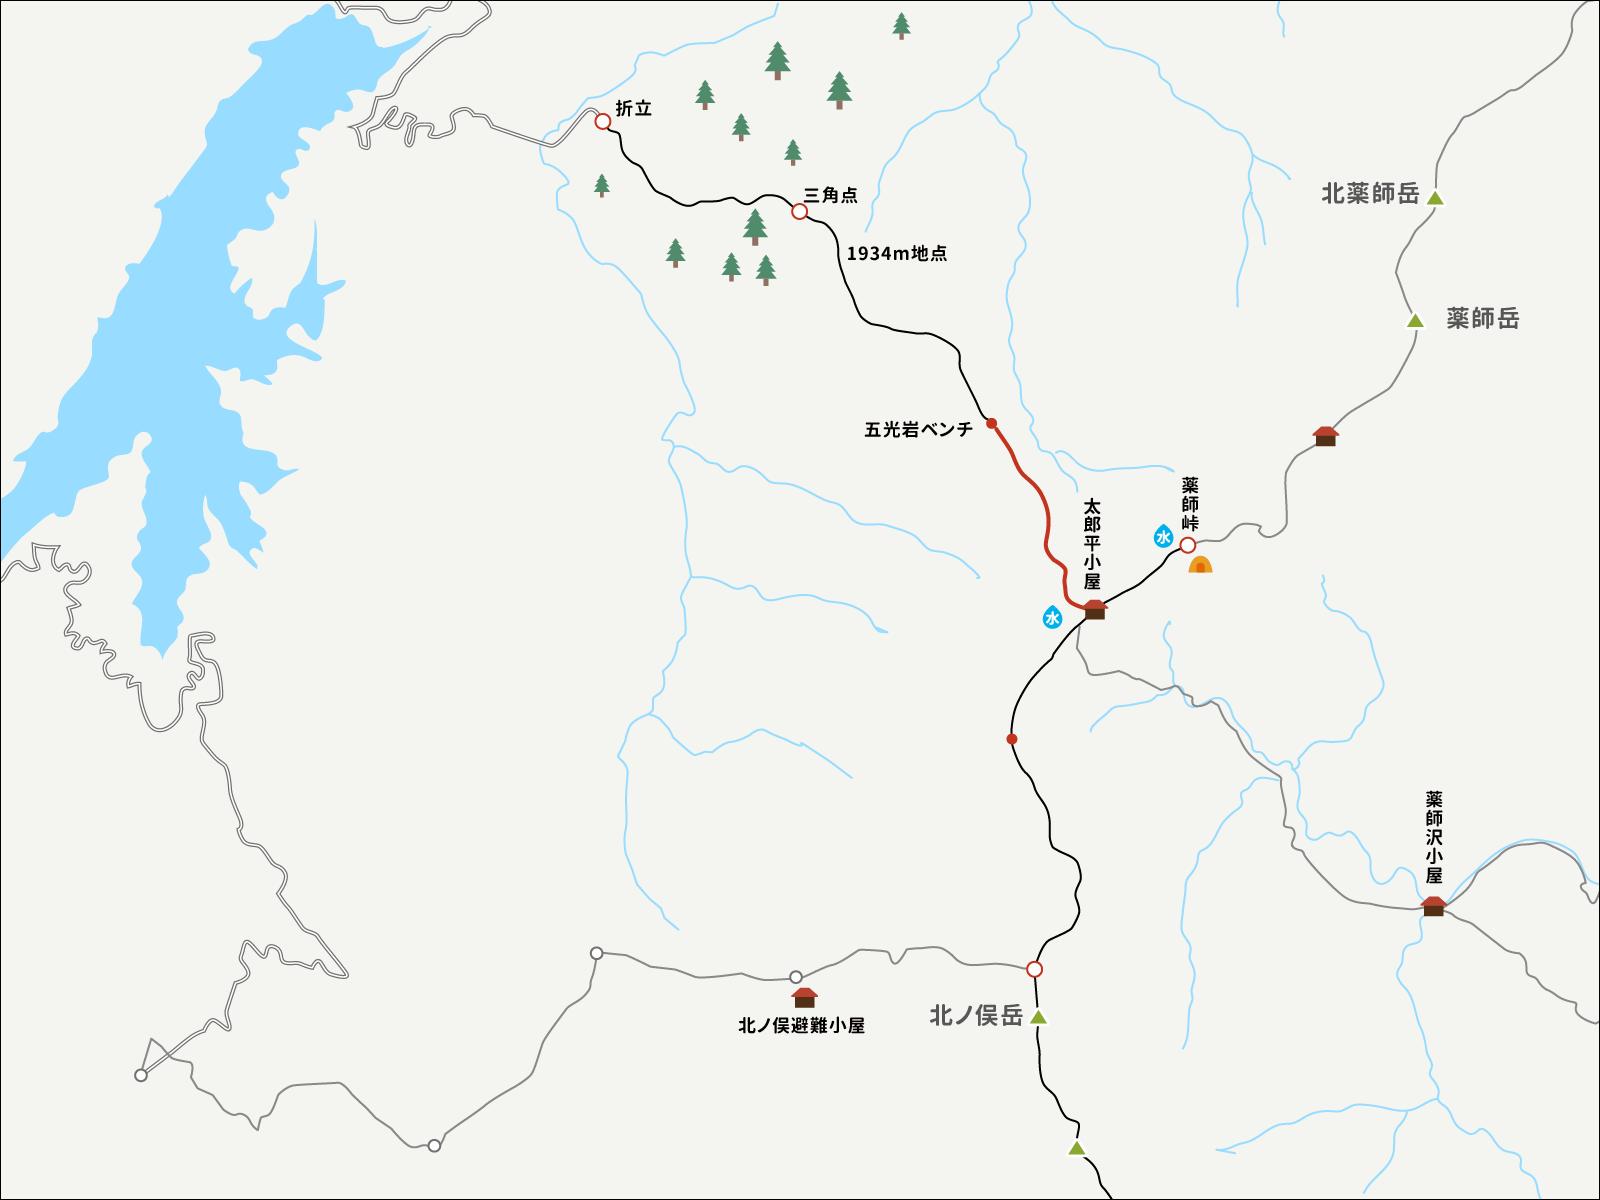 五光岩ベンチから太郎平小屋までのイラストマップ